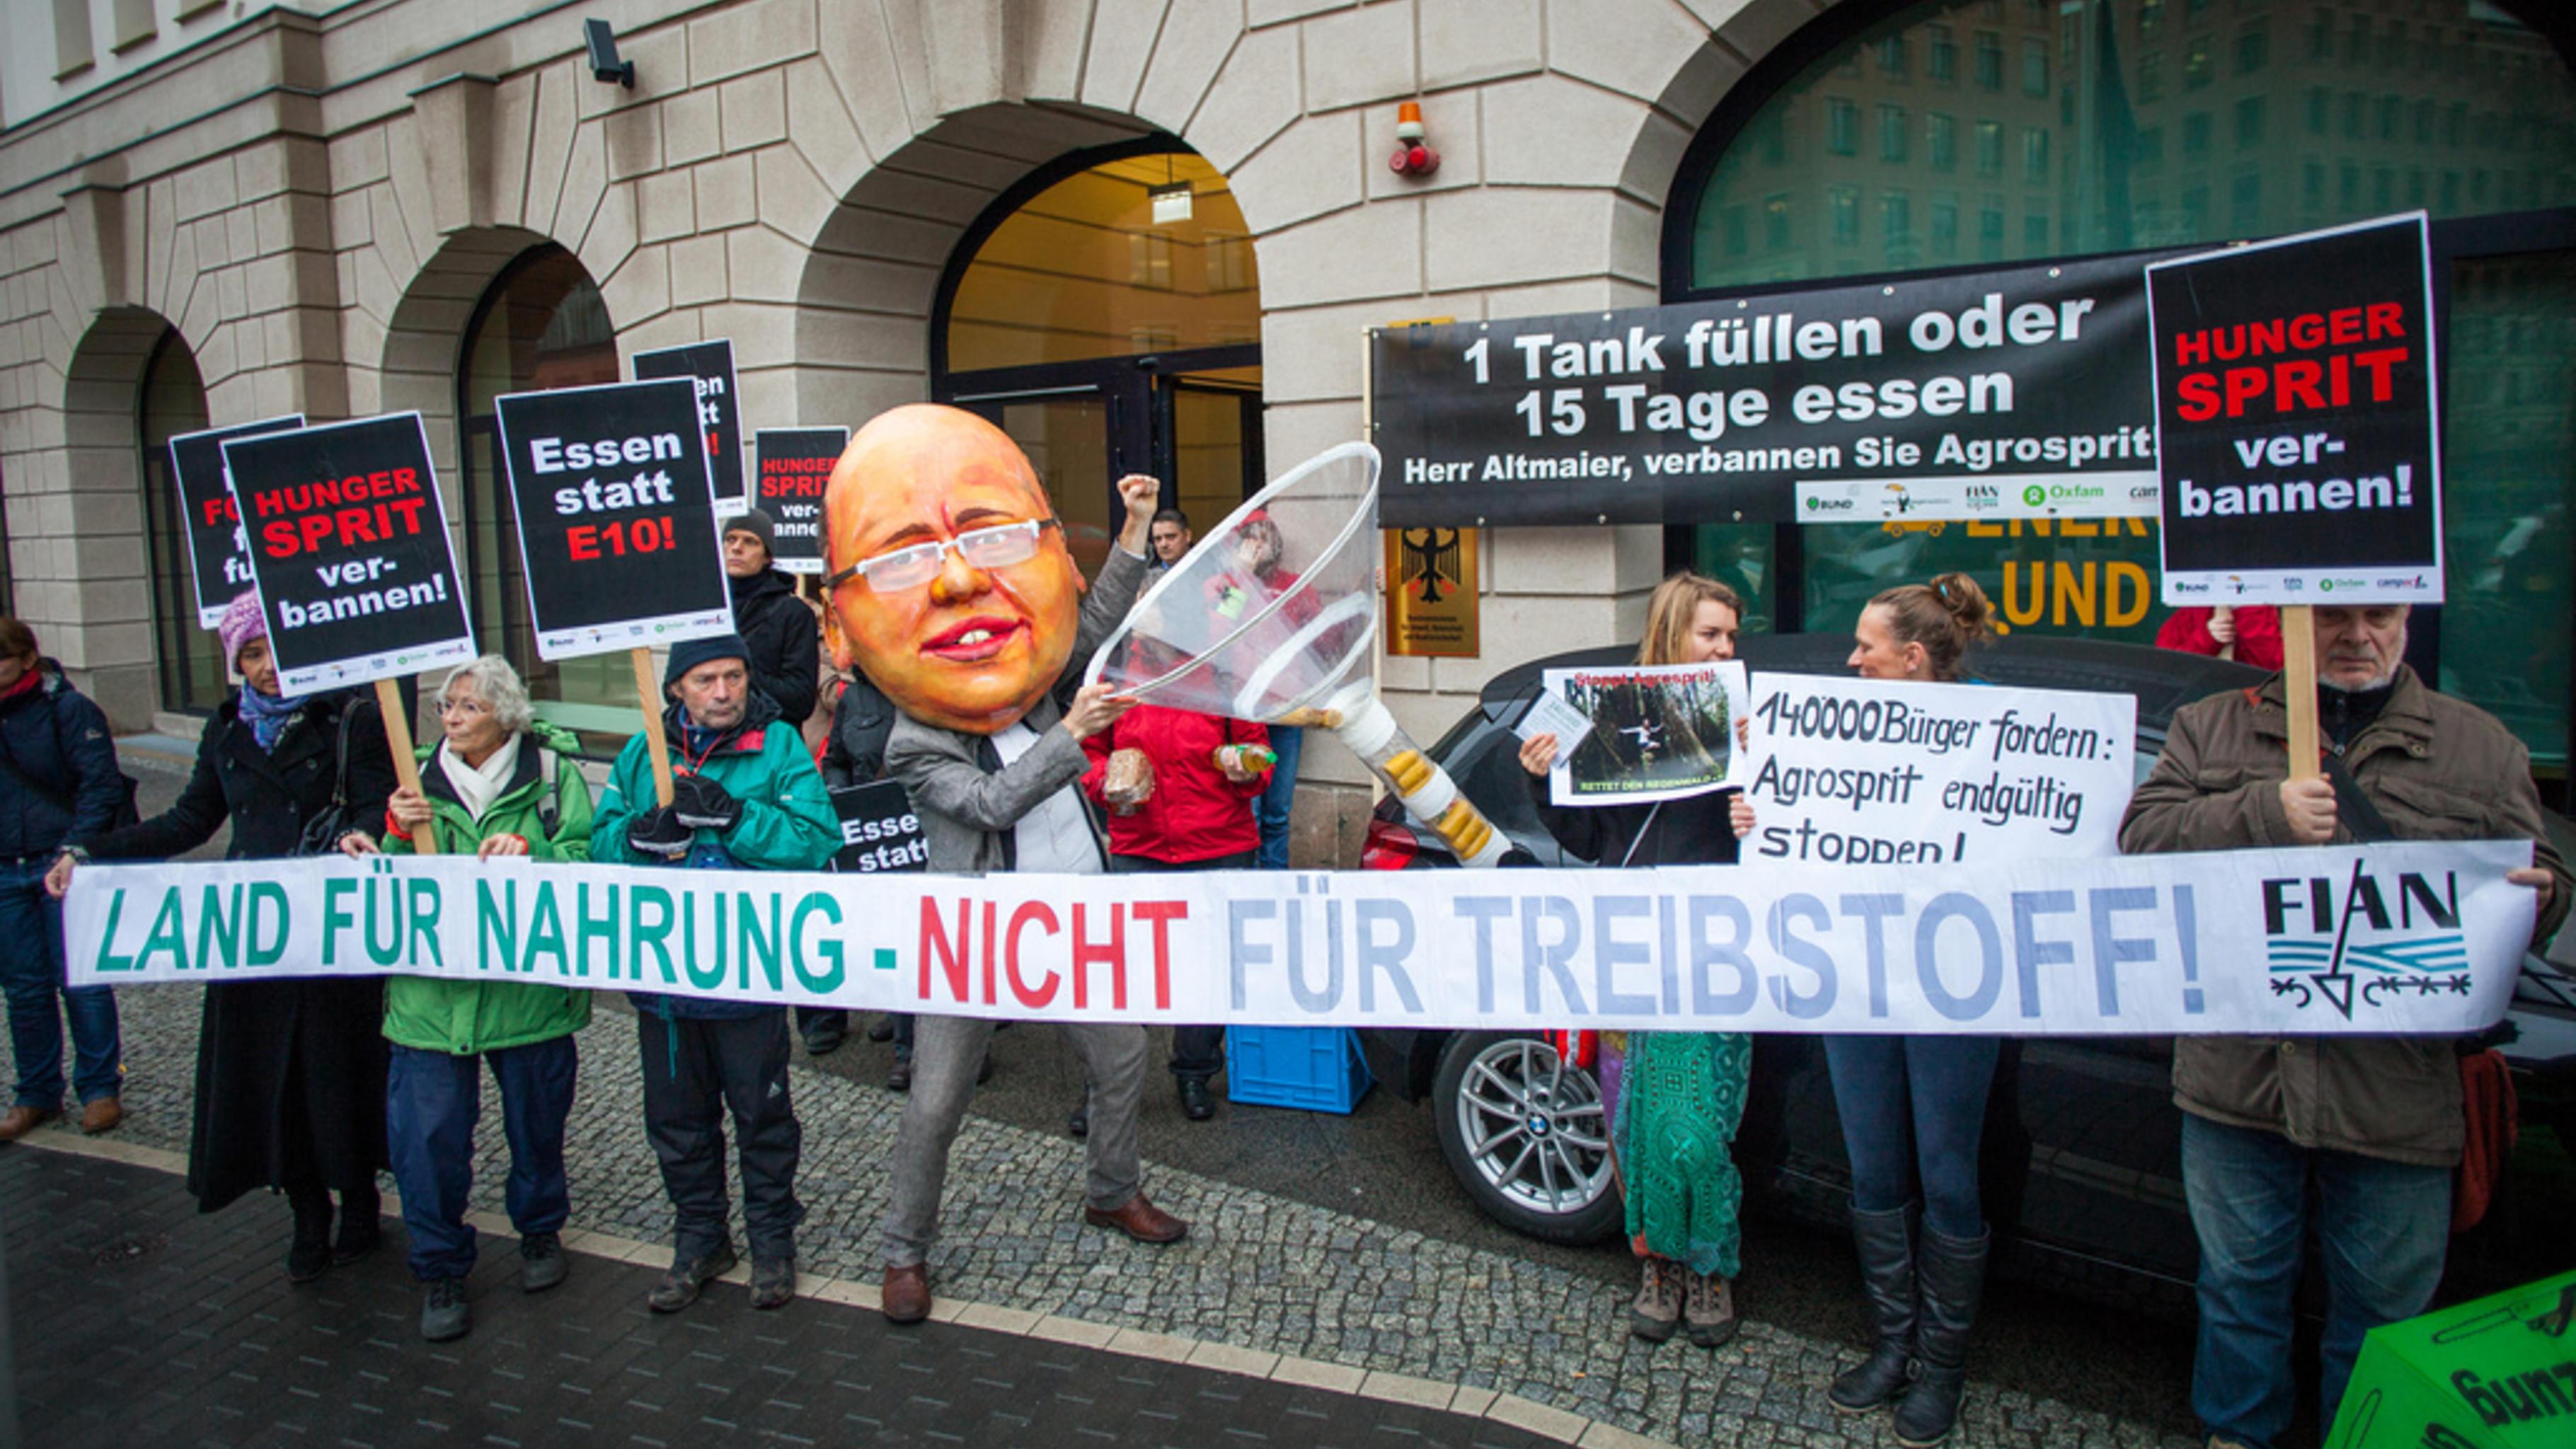 Foto: Aktion gegen die Förderung von Agrosprit